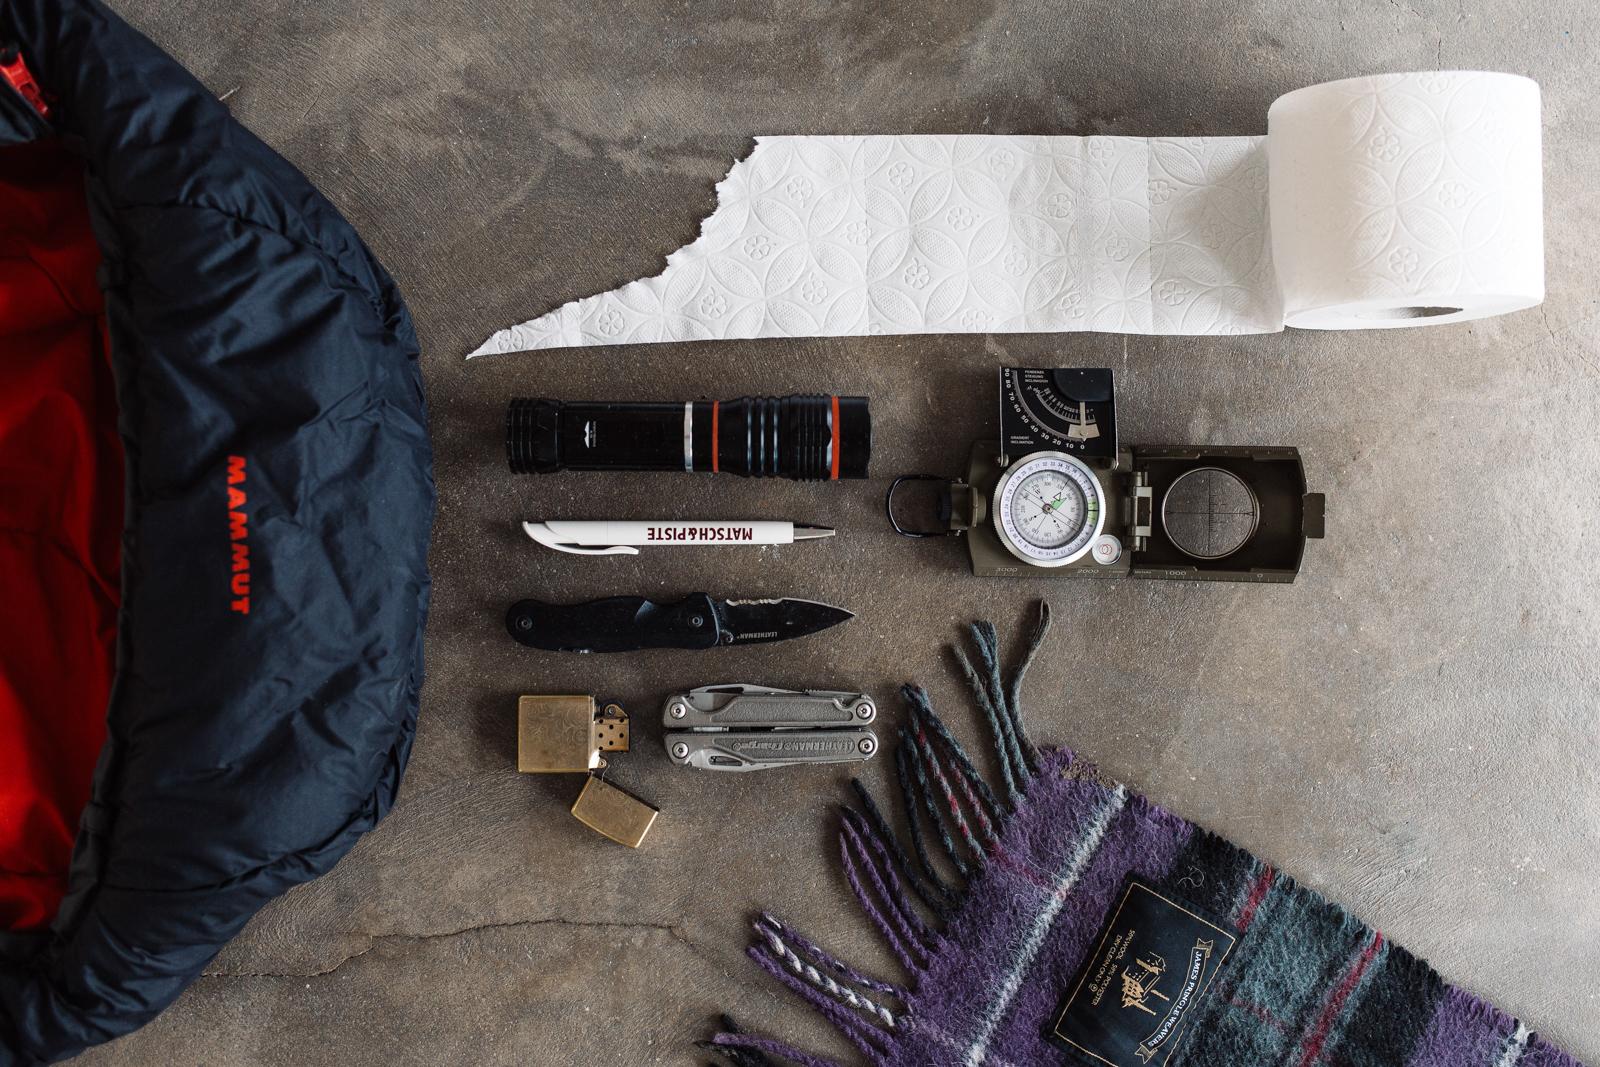 Übernachtungstasche, Notfallgepäck, Survivalausrüstung